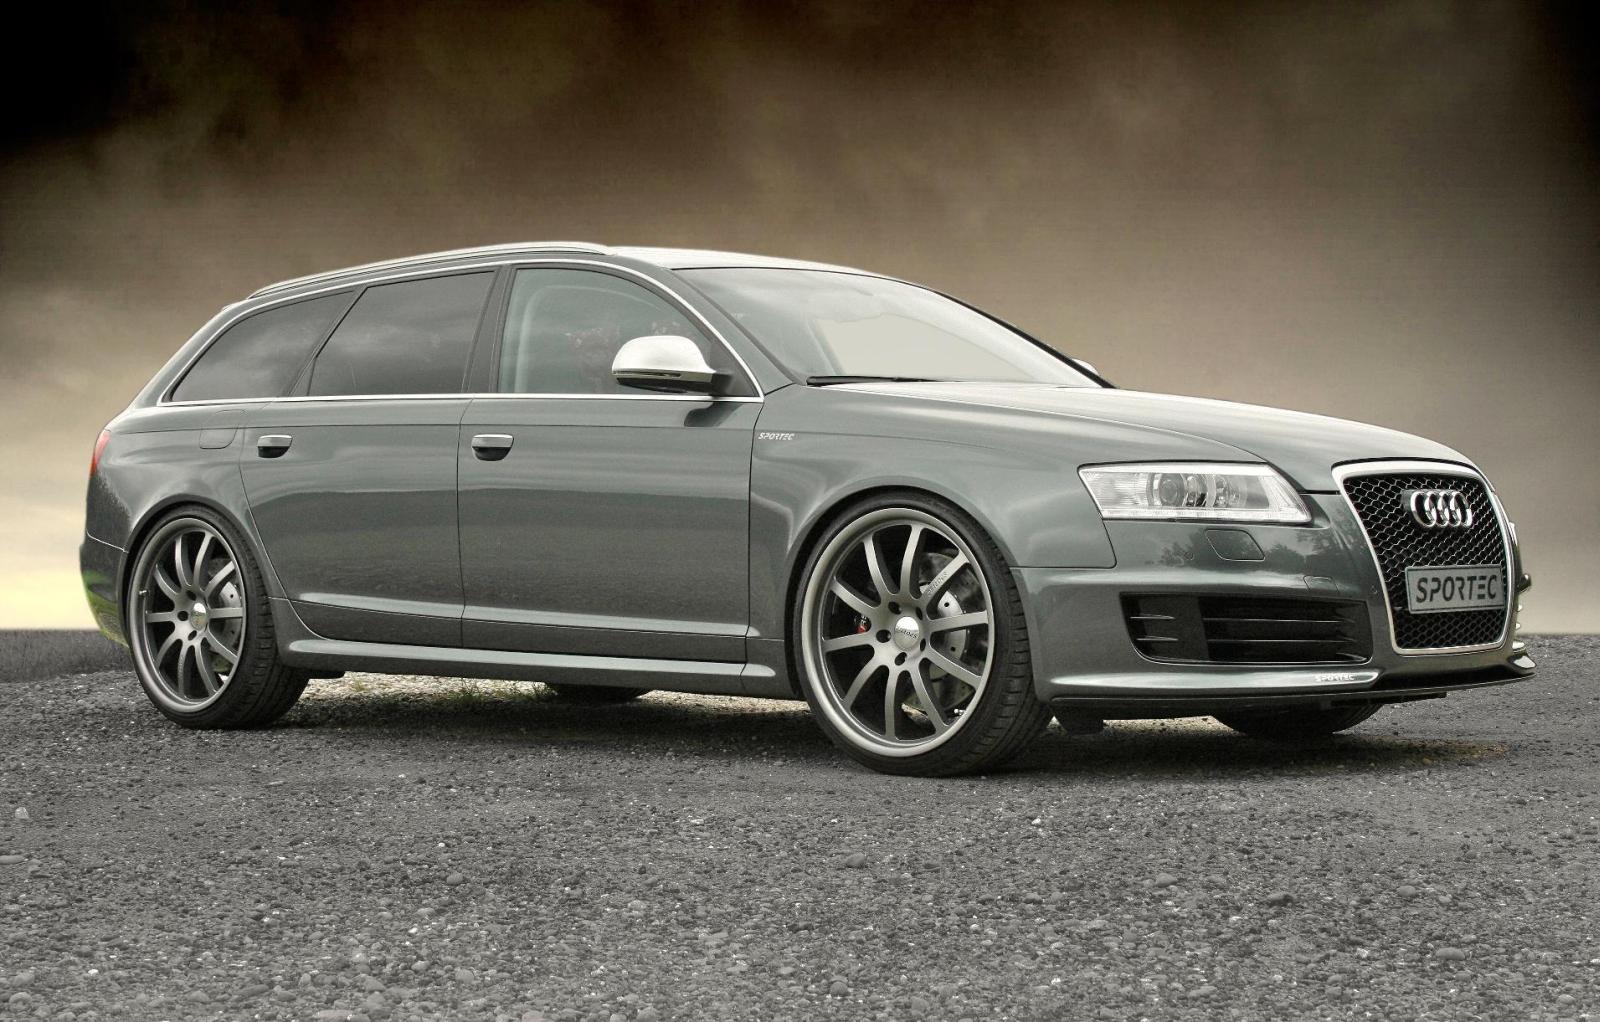 Audi rs6 5.0